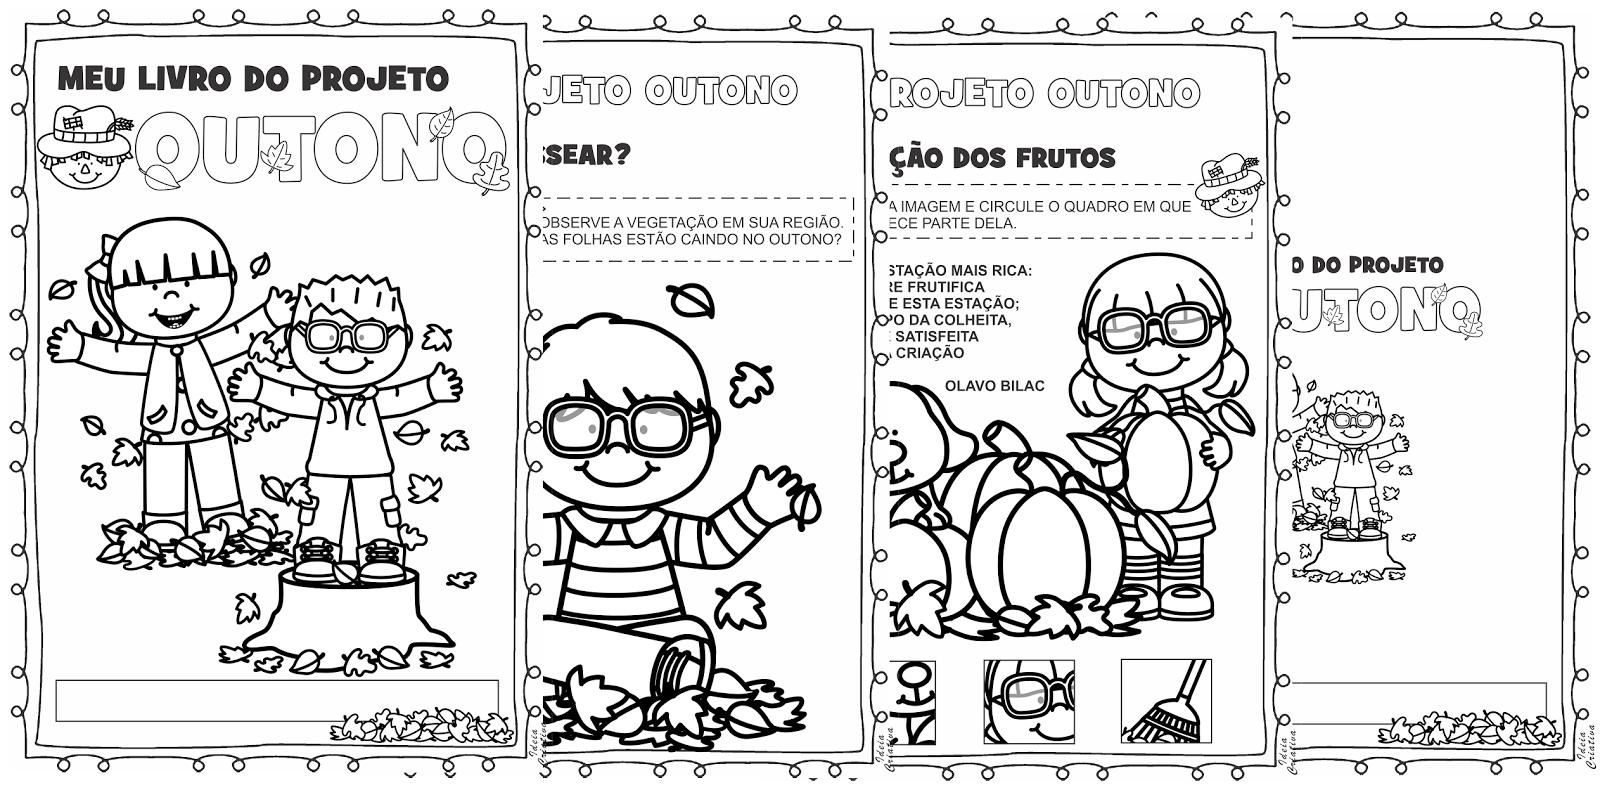 Livrinho Projeto Outono Educacao Infantil